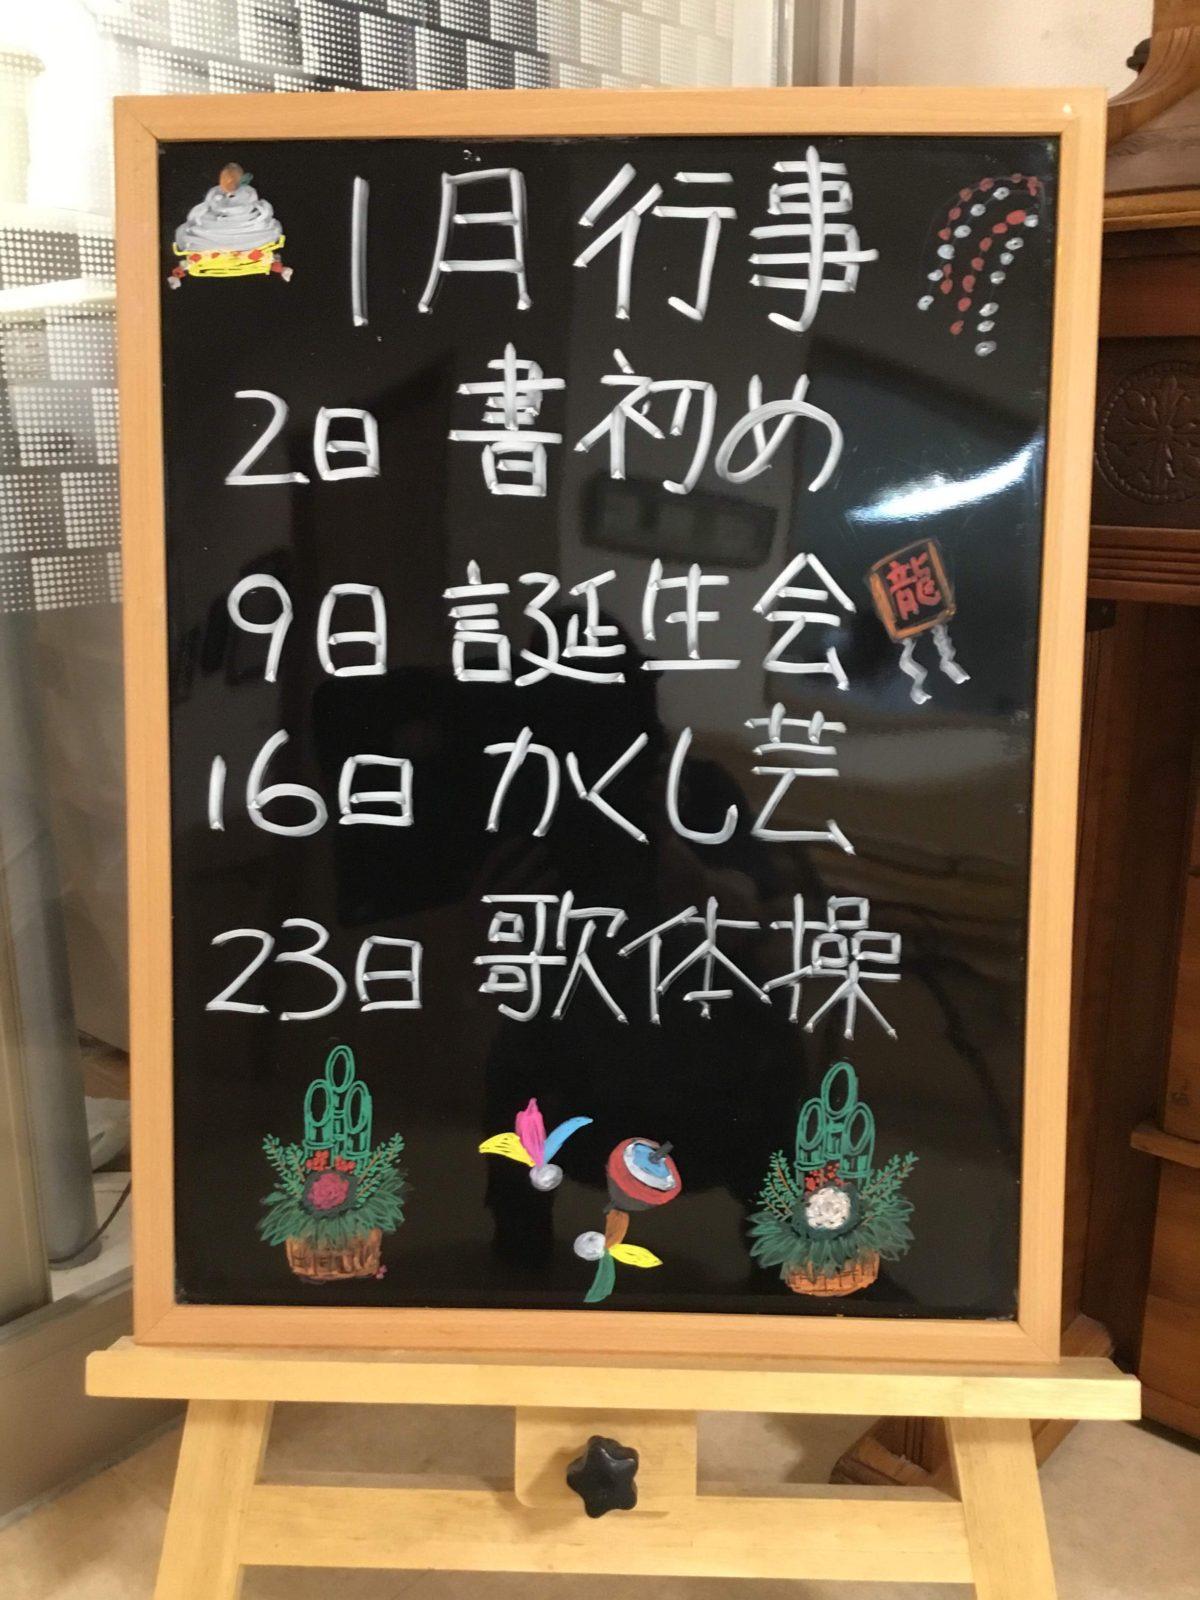 【門真】1月のイベント予定